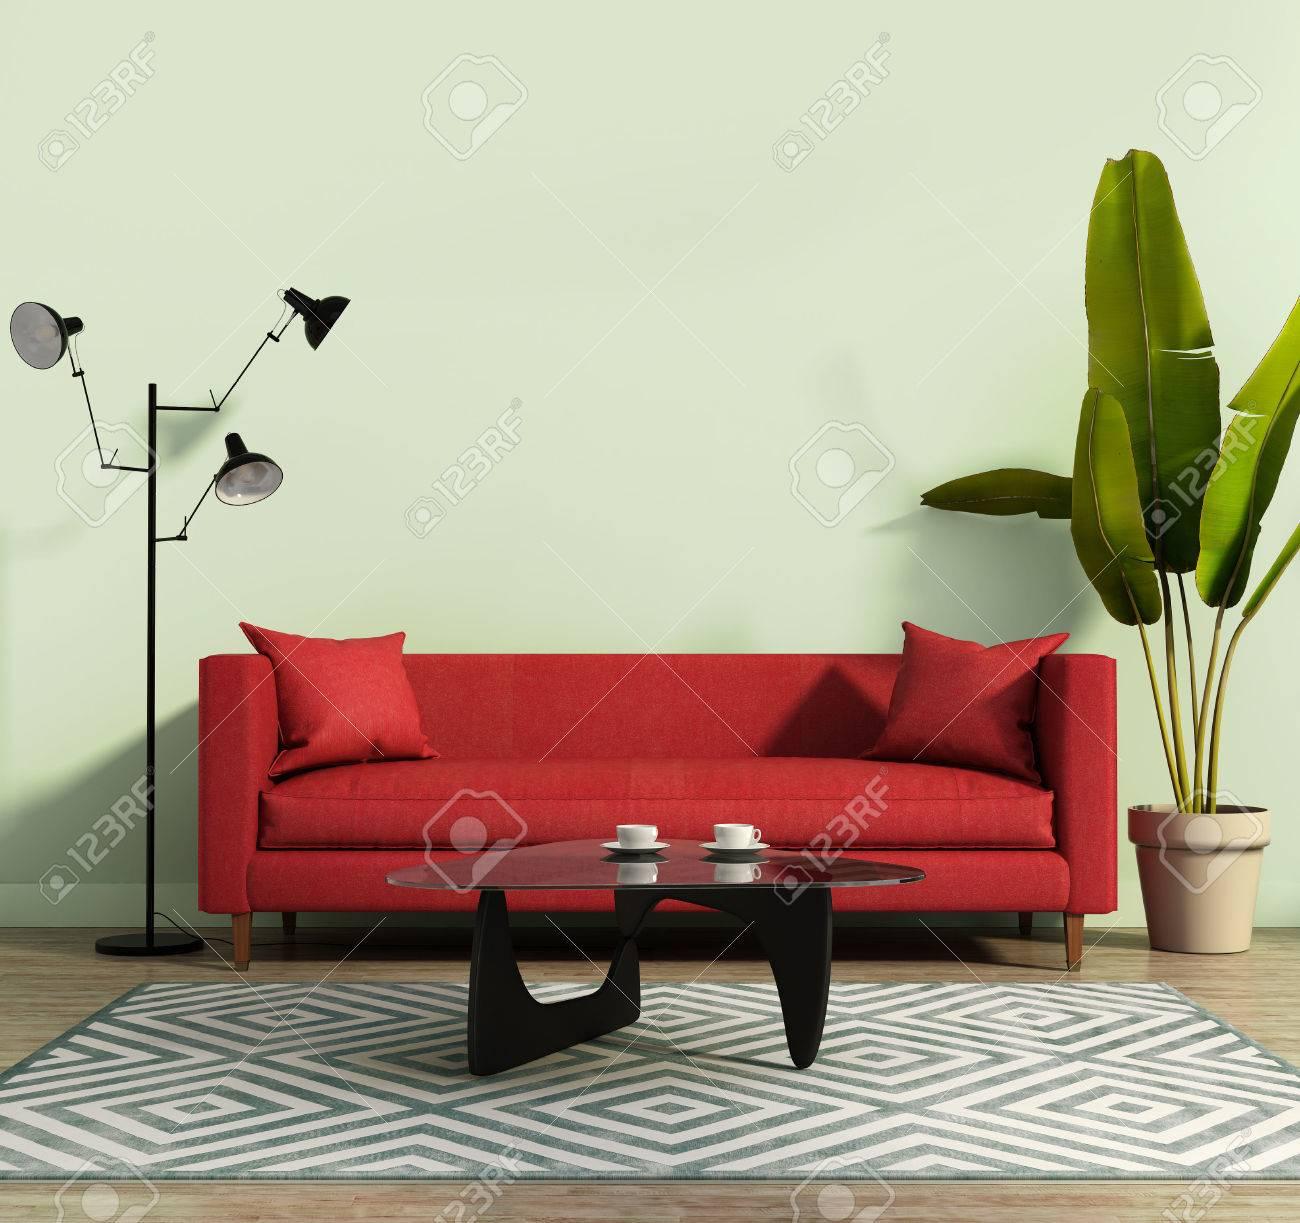 赤いソファと幾何学的なラグ付きのリビング ルーム ロイヤリティーフリー